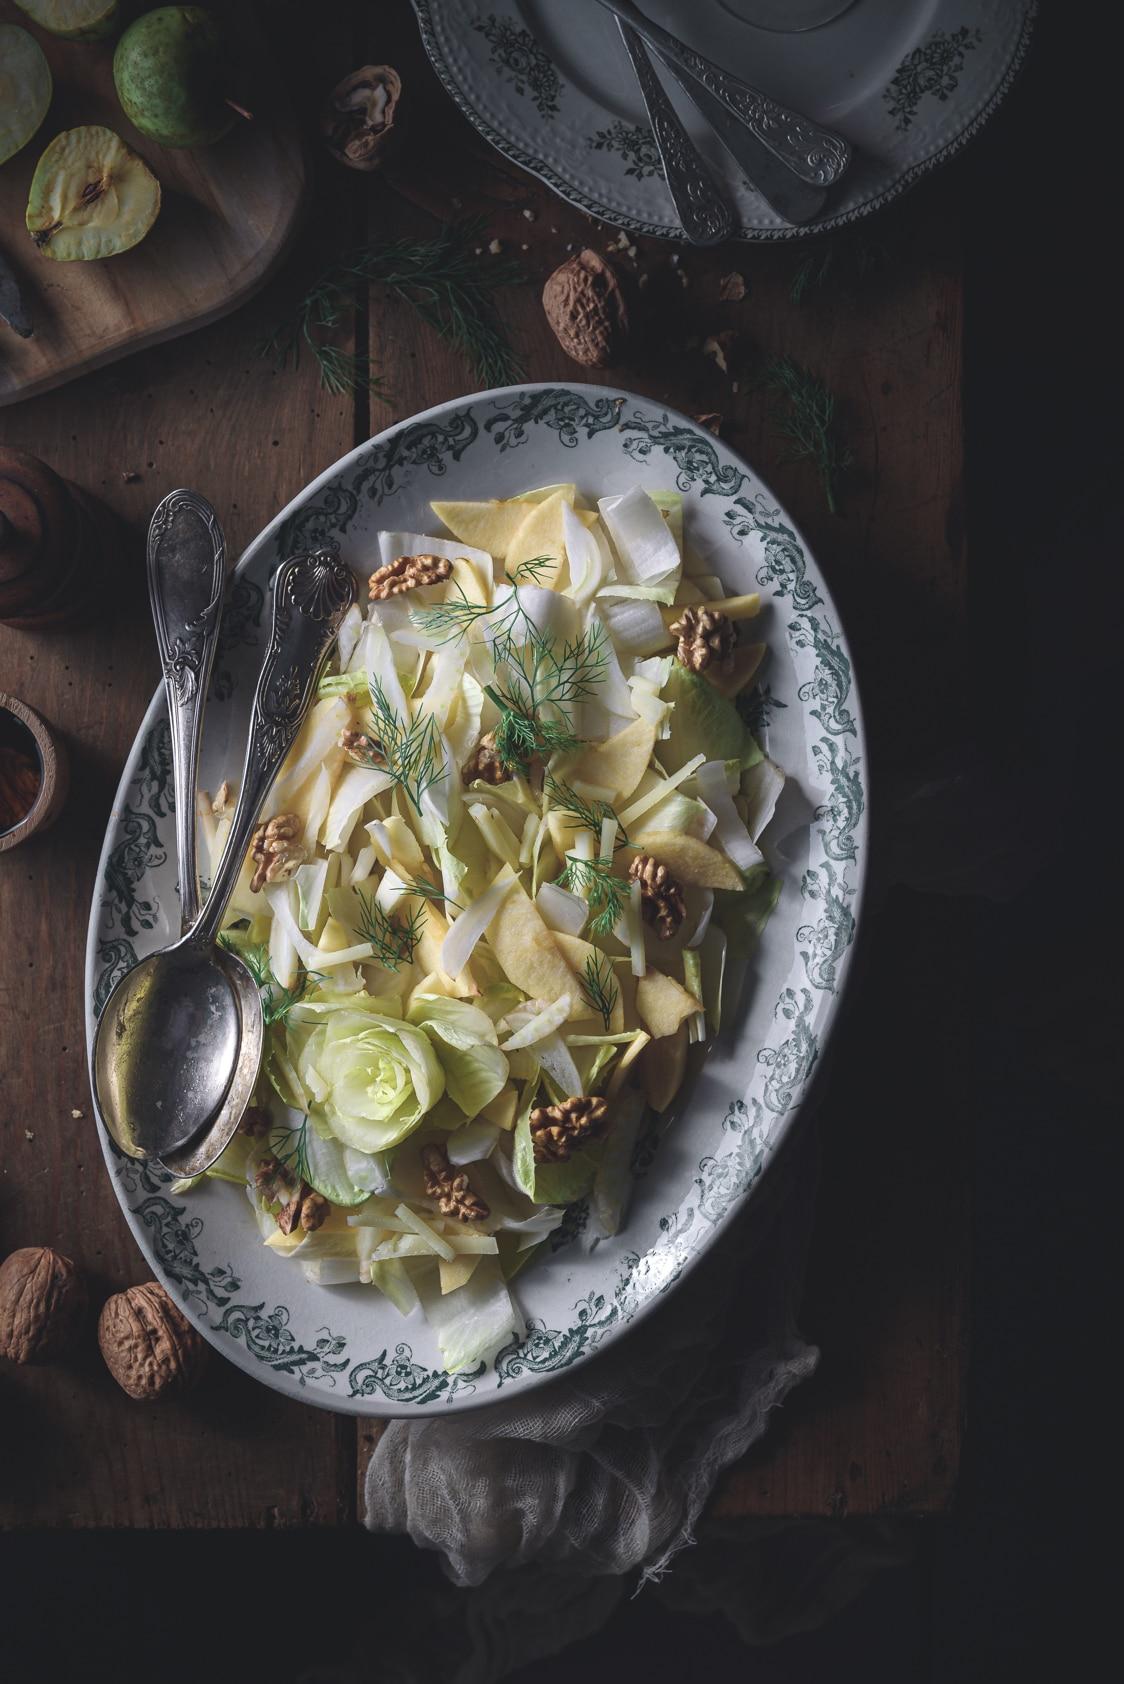 salade d'endives aux pommes, fenouil, noix & brebis